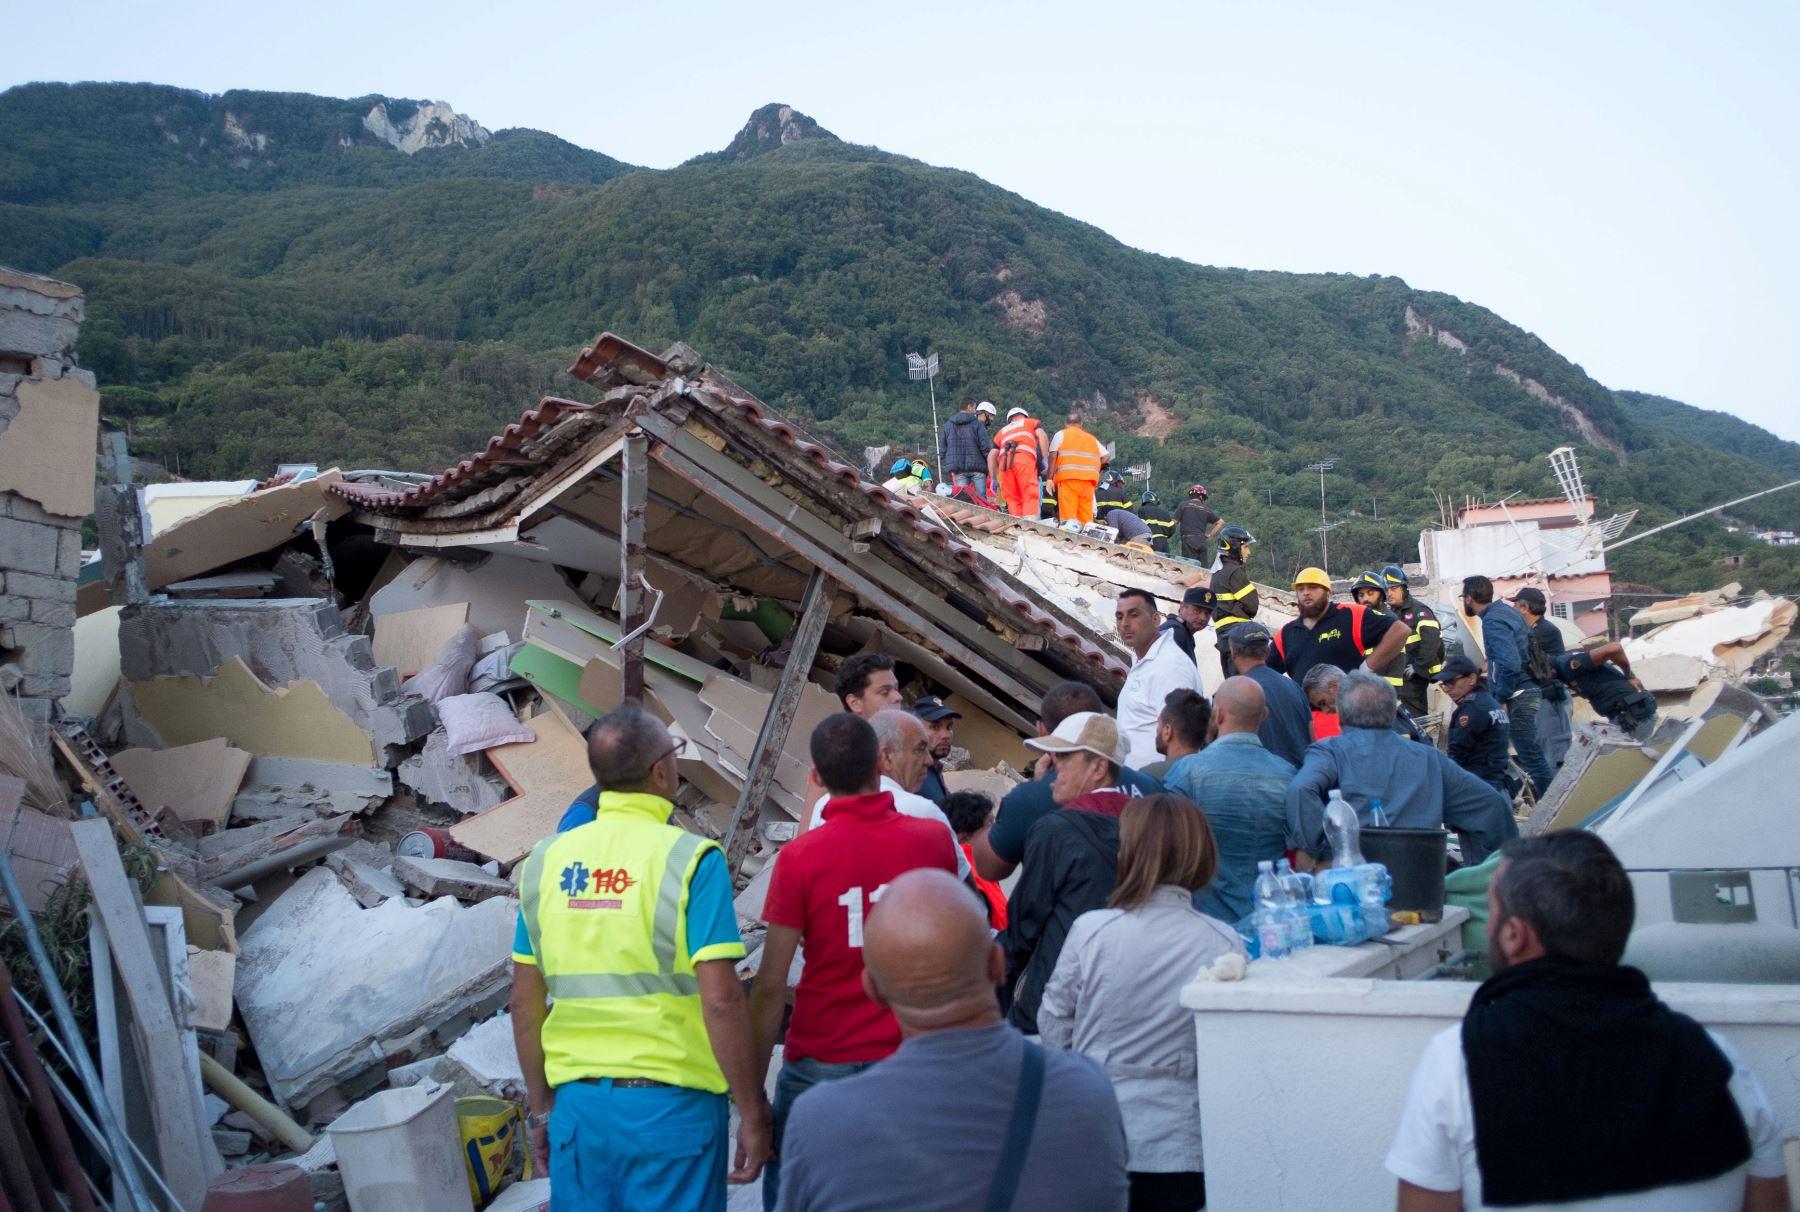 Bomberos buscan sobrevivientes a través de los escombros de una casa derrumbada en Ischia,después del  terremoto  que golpeó la popular isla turística italiana.Foto:AFP